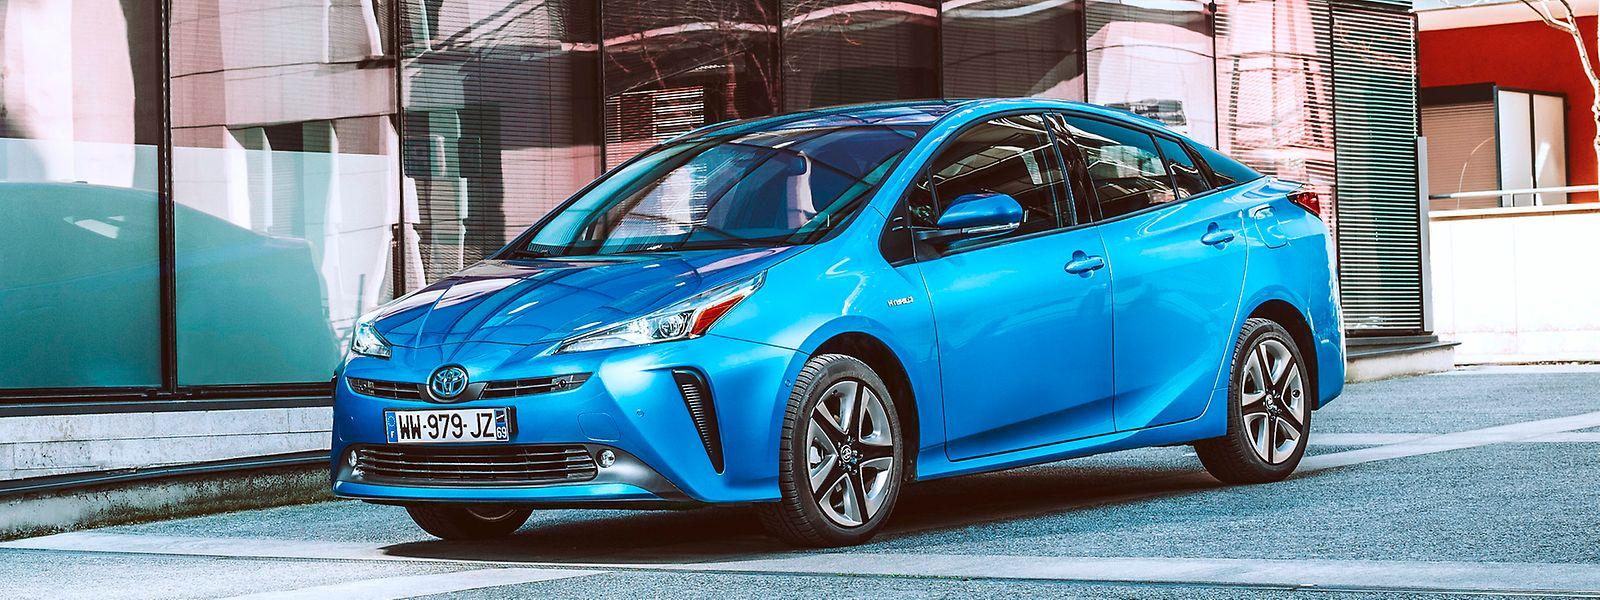 Vollhybride wie etwa der Toyota Prius können kurze Strecken allein elektrisch zurücklegen.